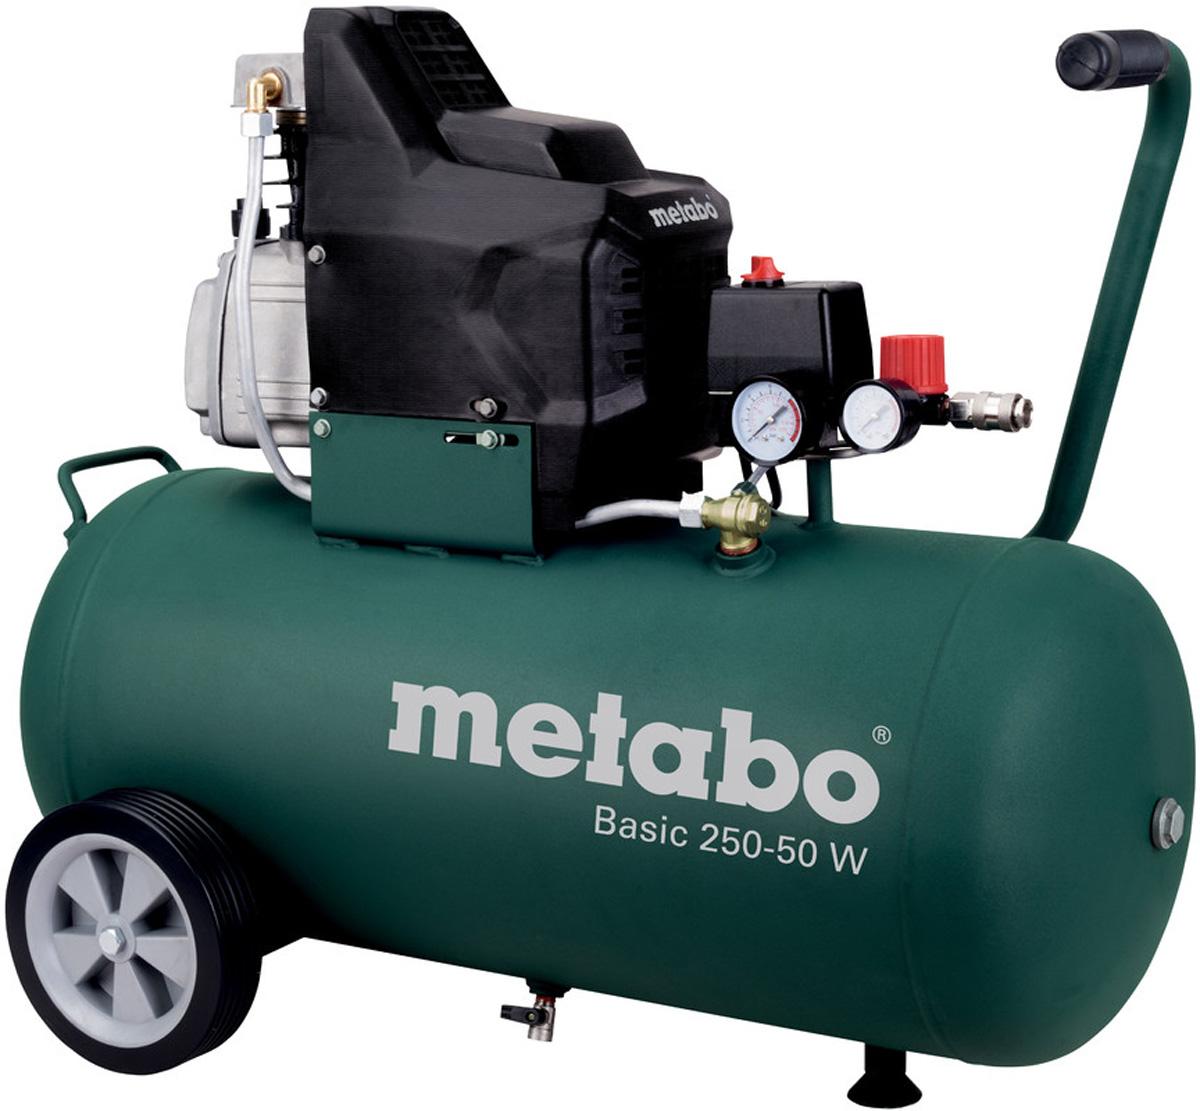 Компрессор Metabo Basic250-50W, масляный, 110 л/мин601534000Мощный и прочный компрессор Metabo Basic250-50W предназначен для простого профессионального применения.Особенности:Поршневой компрессор с масляной смазкой.Регулируемое рабочее давление, ориентированное на конкретное применение, благодаря редуктору с манометром. Хороший холодный пуск благодаря манометрическому переключателю с разгрузочным клапаном. Защита от перегрузок: предохраняет двигатель от перегрева. Обрезиненные устойчивые колеса для мобильного использования. Дополнительный манометр для индикации давления в ресивере. Обрезиненная рукоятка для комфортного пользования.